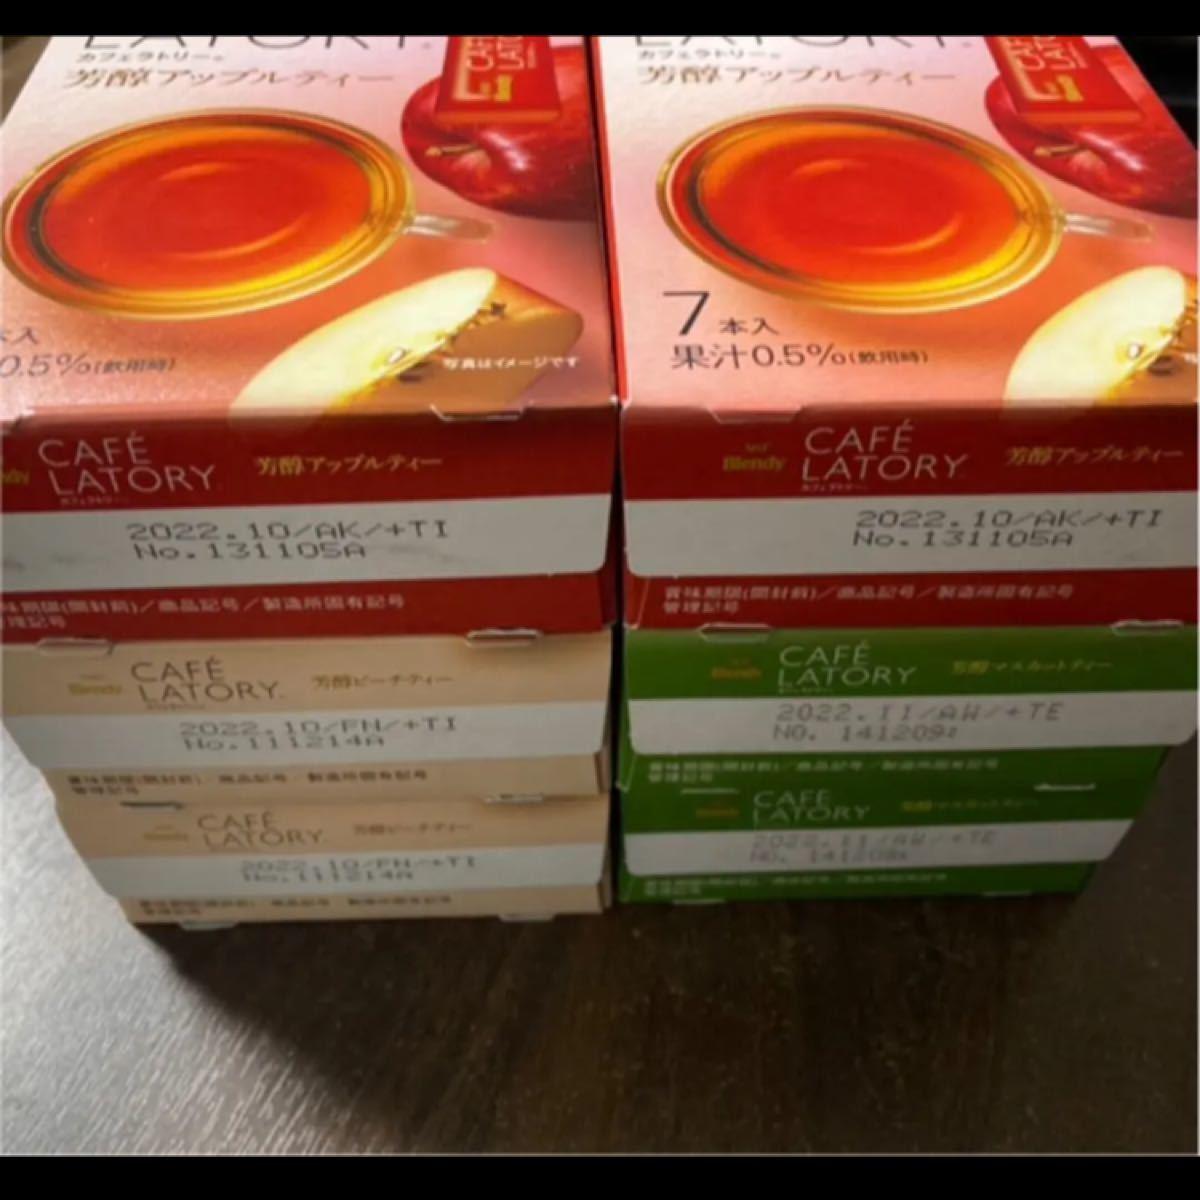 カフェラトリー 芳醇 シリーズ 6箱セット